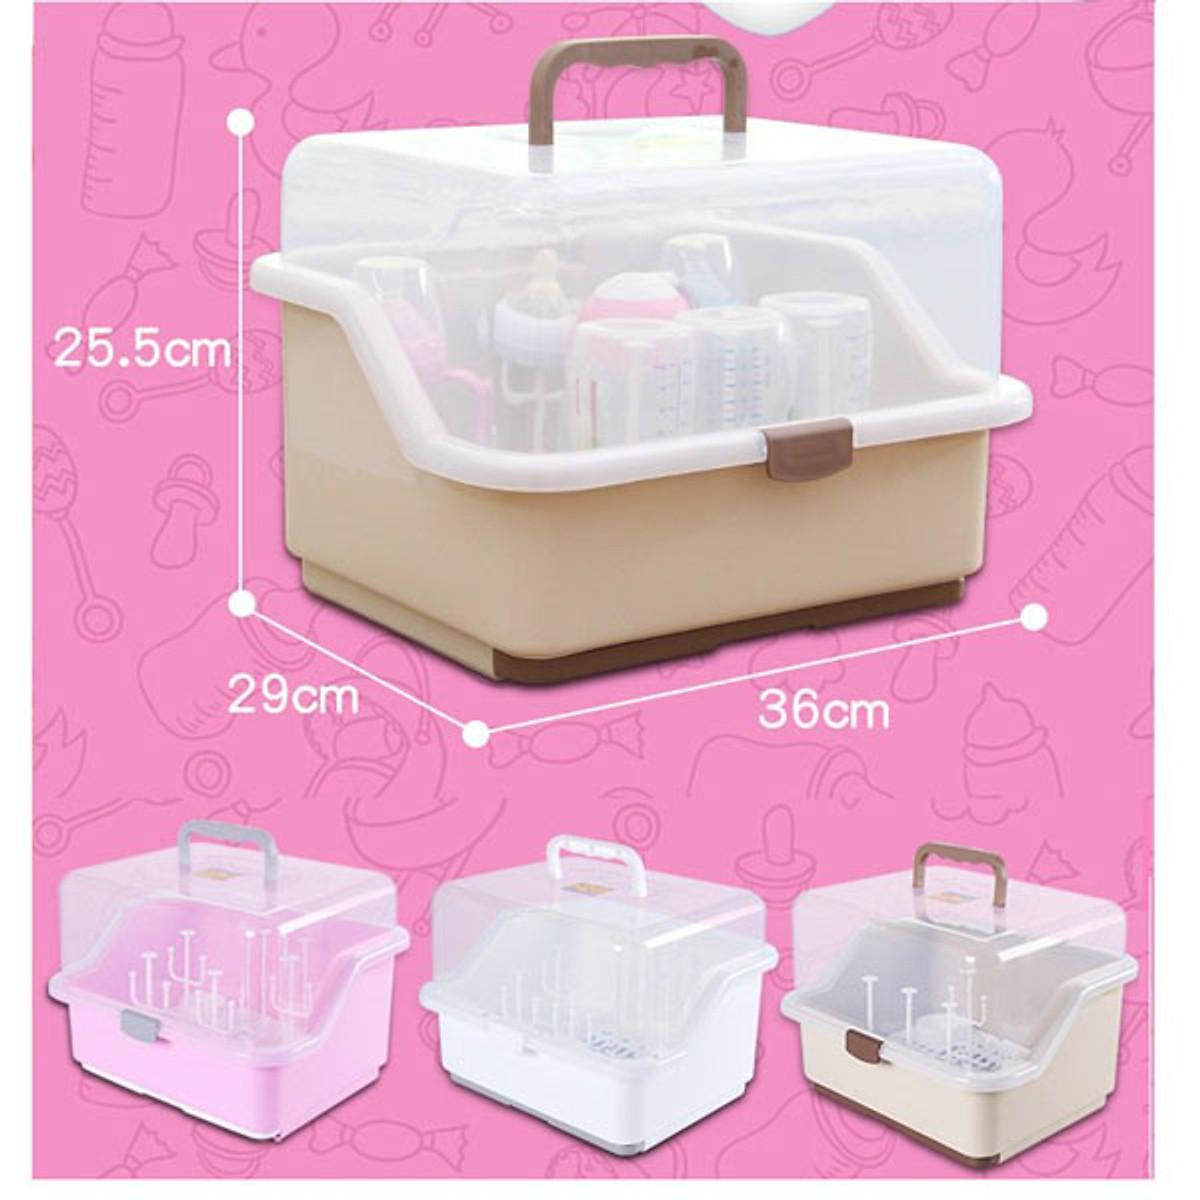 Giá úp bình sữa bằng nhựa PP an toàn, thiết kế nhỏ gọn, tiện lợi